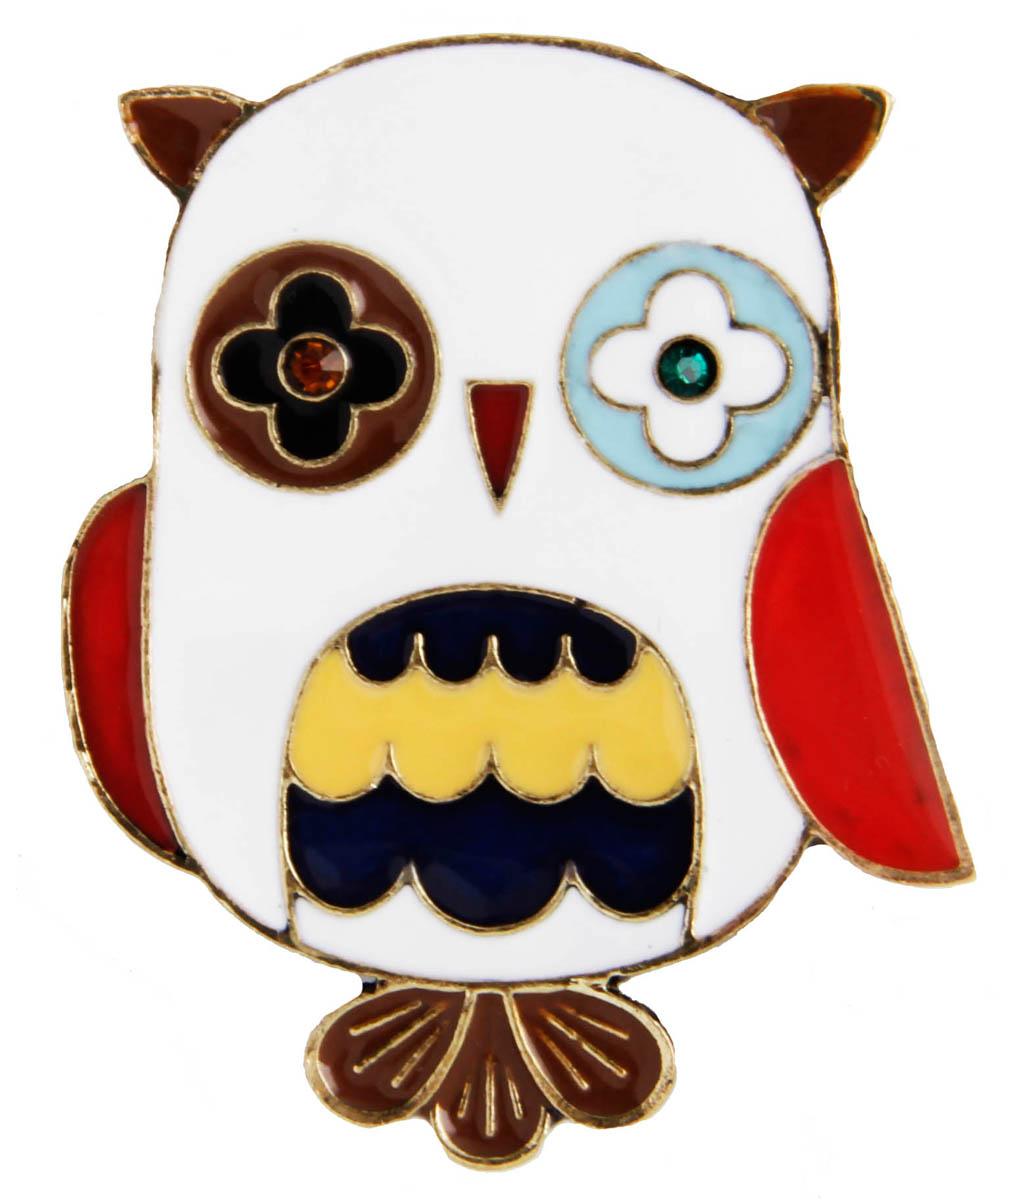 Брошь бижутерная Anybody Веселая сова, Бижутерный сплав, Эмаль, Австрийские кристаллы, белый, красный, желтый, темно-синий, голубой